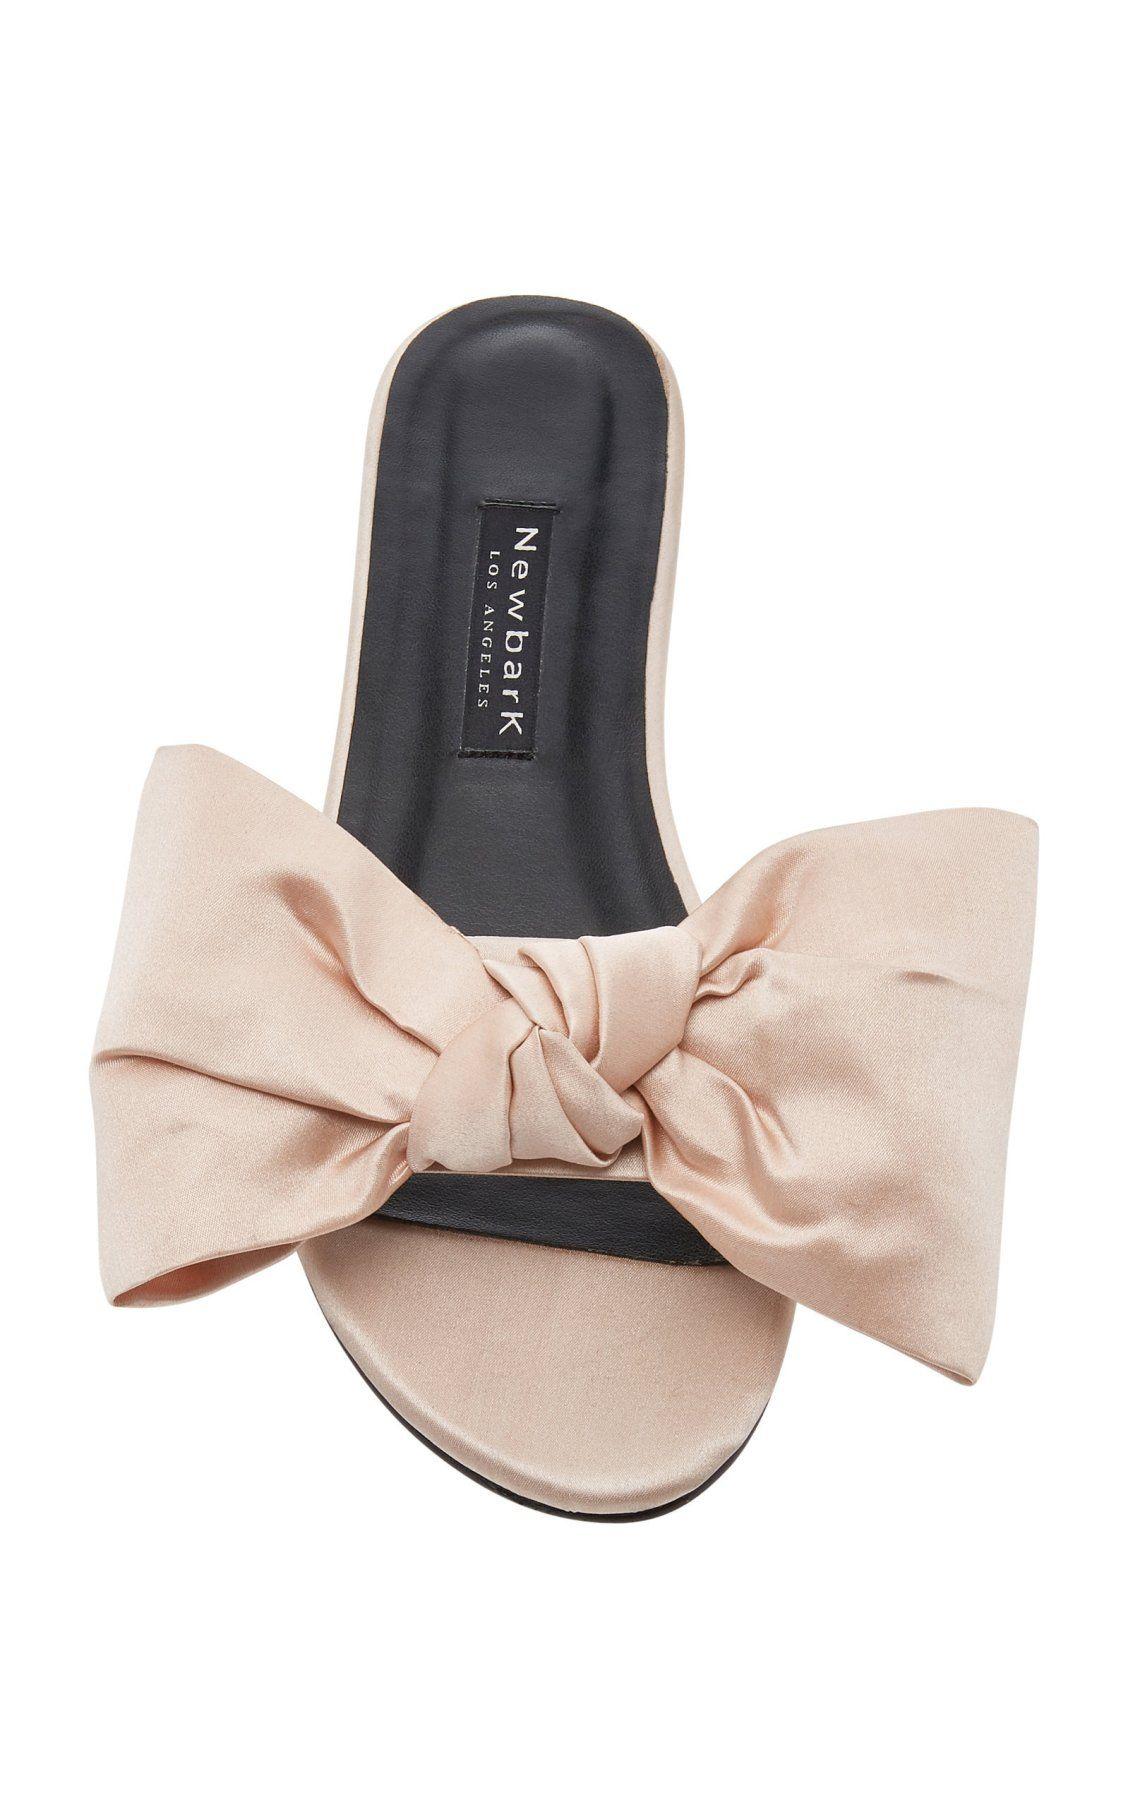 By Resort Eva Obsession Sandal Accessories Newbark 2019 M'o 7w5xSTtq5